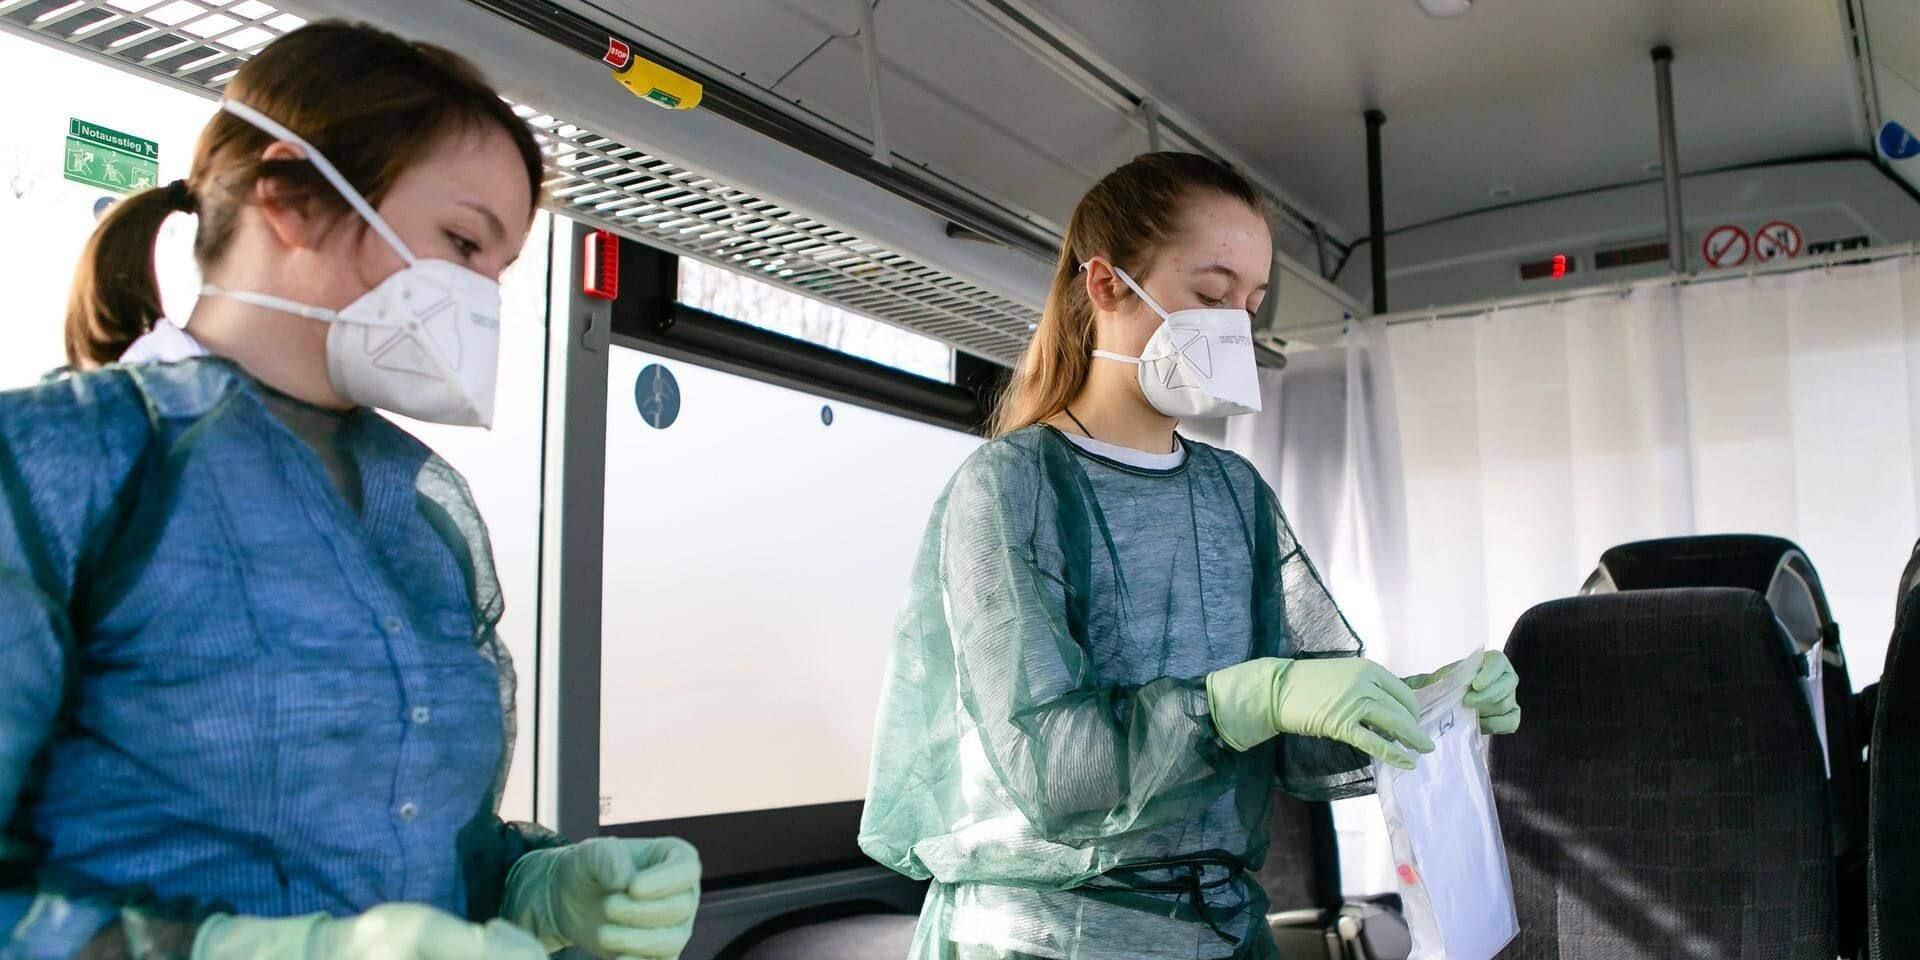 Les étudiants infirmiers de la région de Charleroi montent au front face à l'épidémie de coronavirus